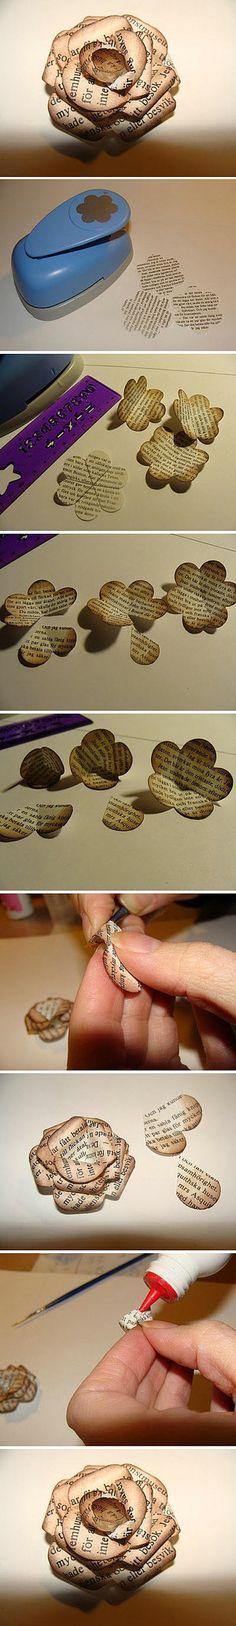 手工--花 - 堆糖 发现生活_收集美好_分享图片